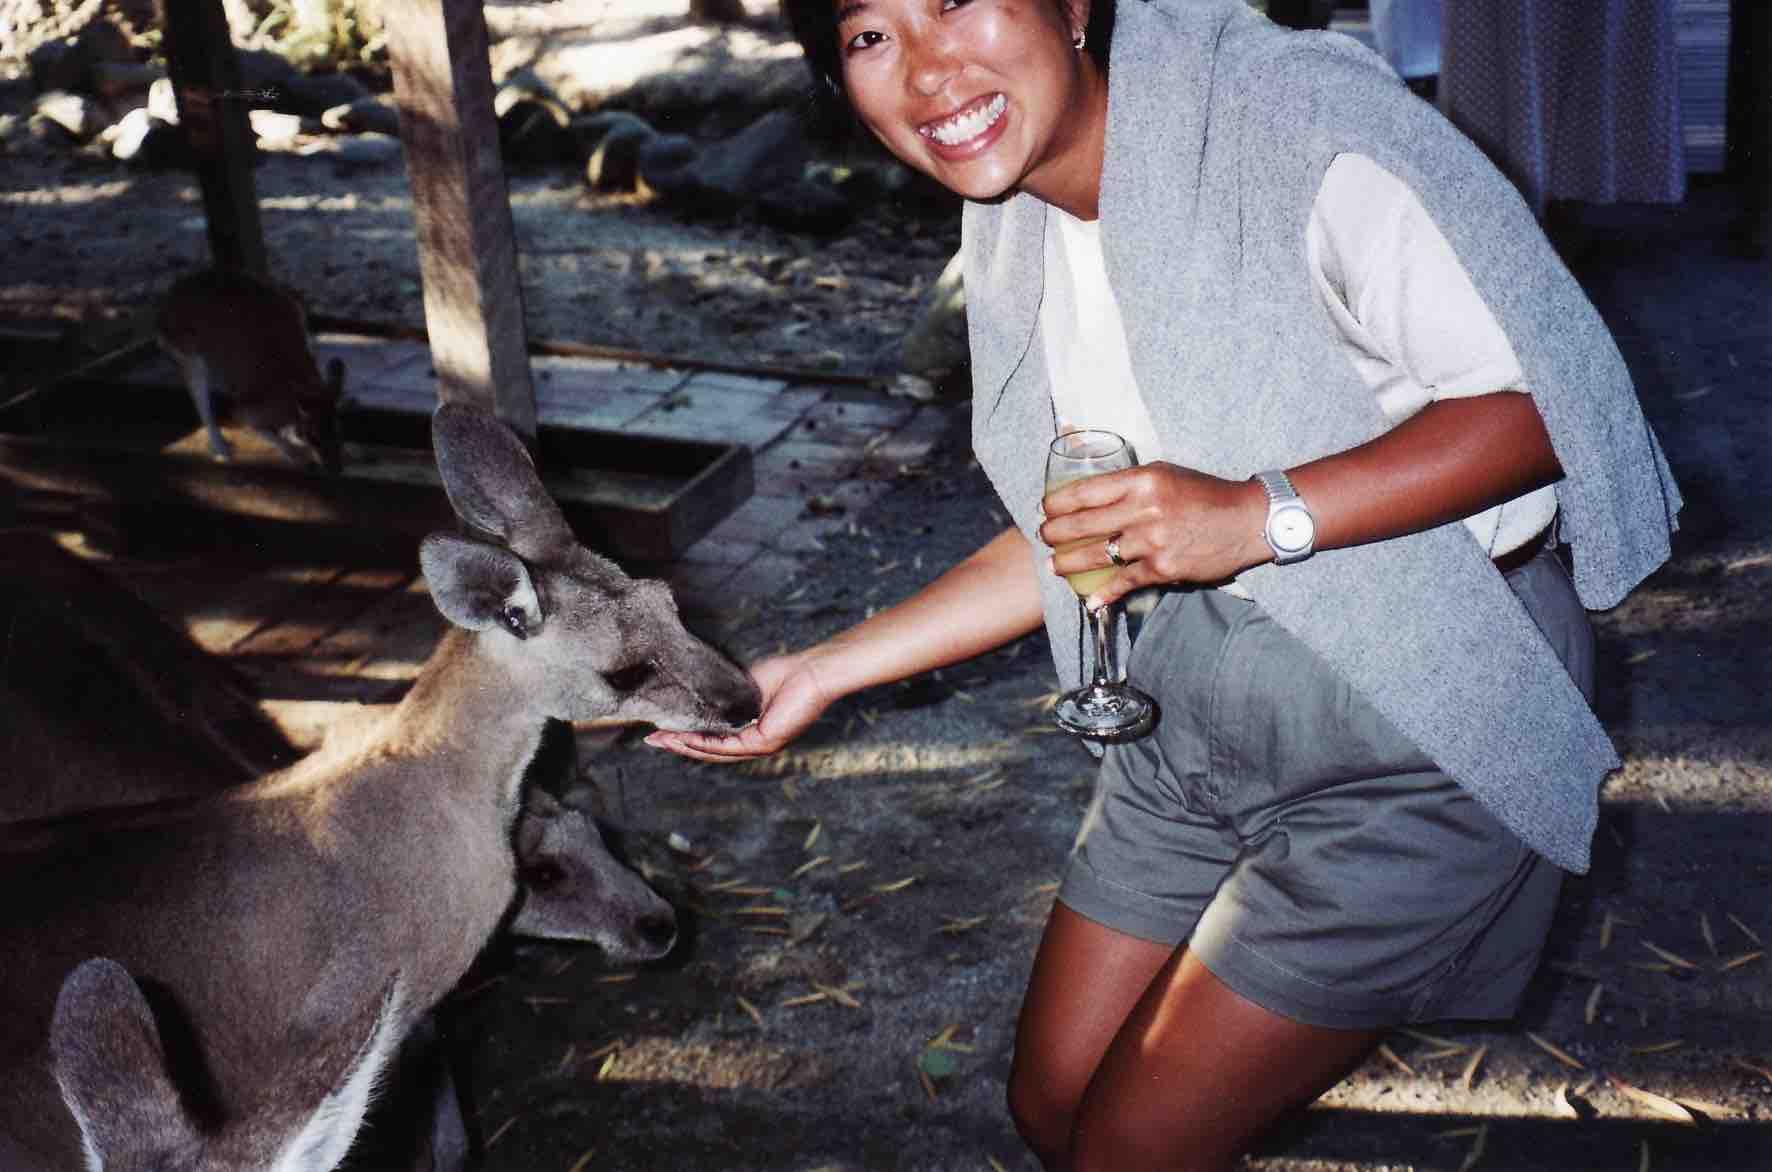 10 - 1996 - NYC, Australia, Hawaii